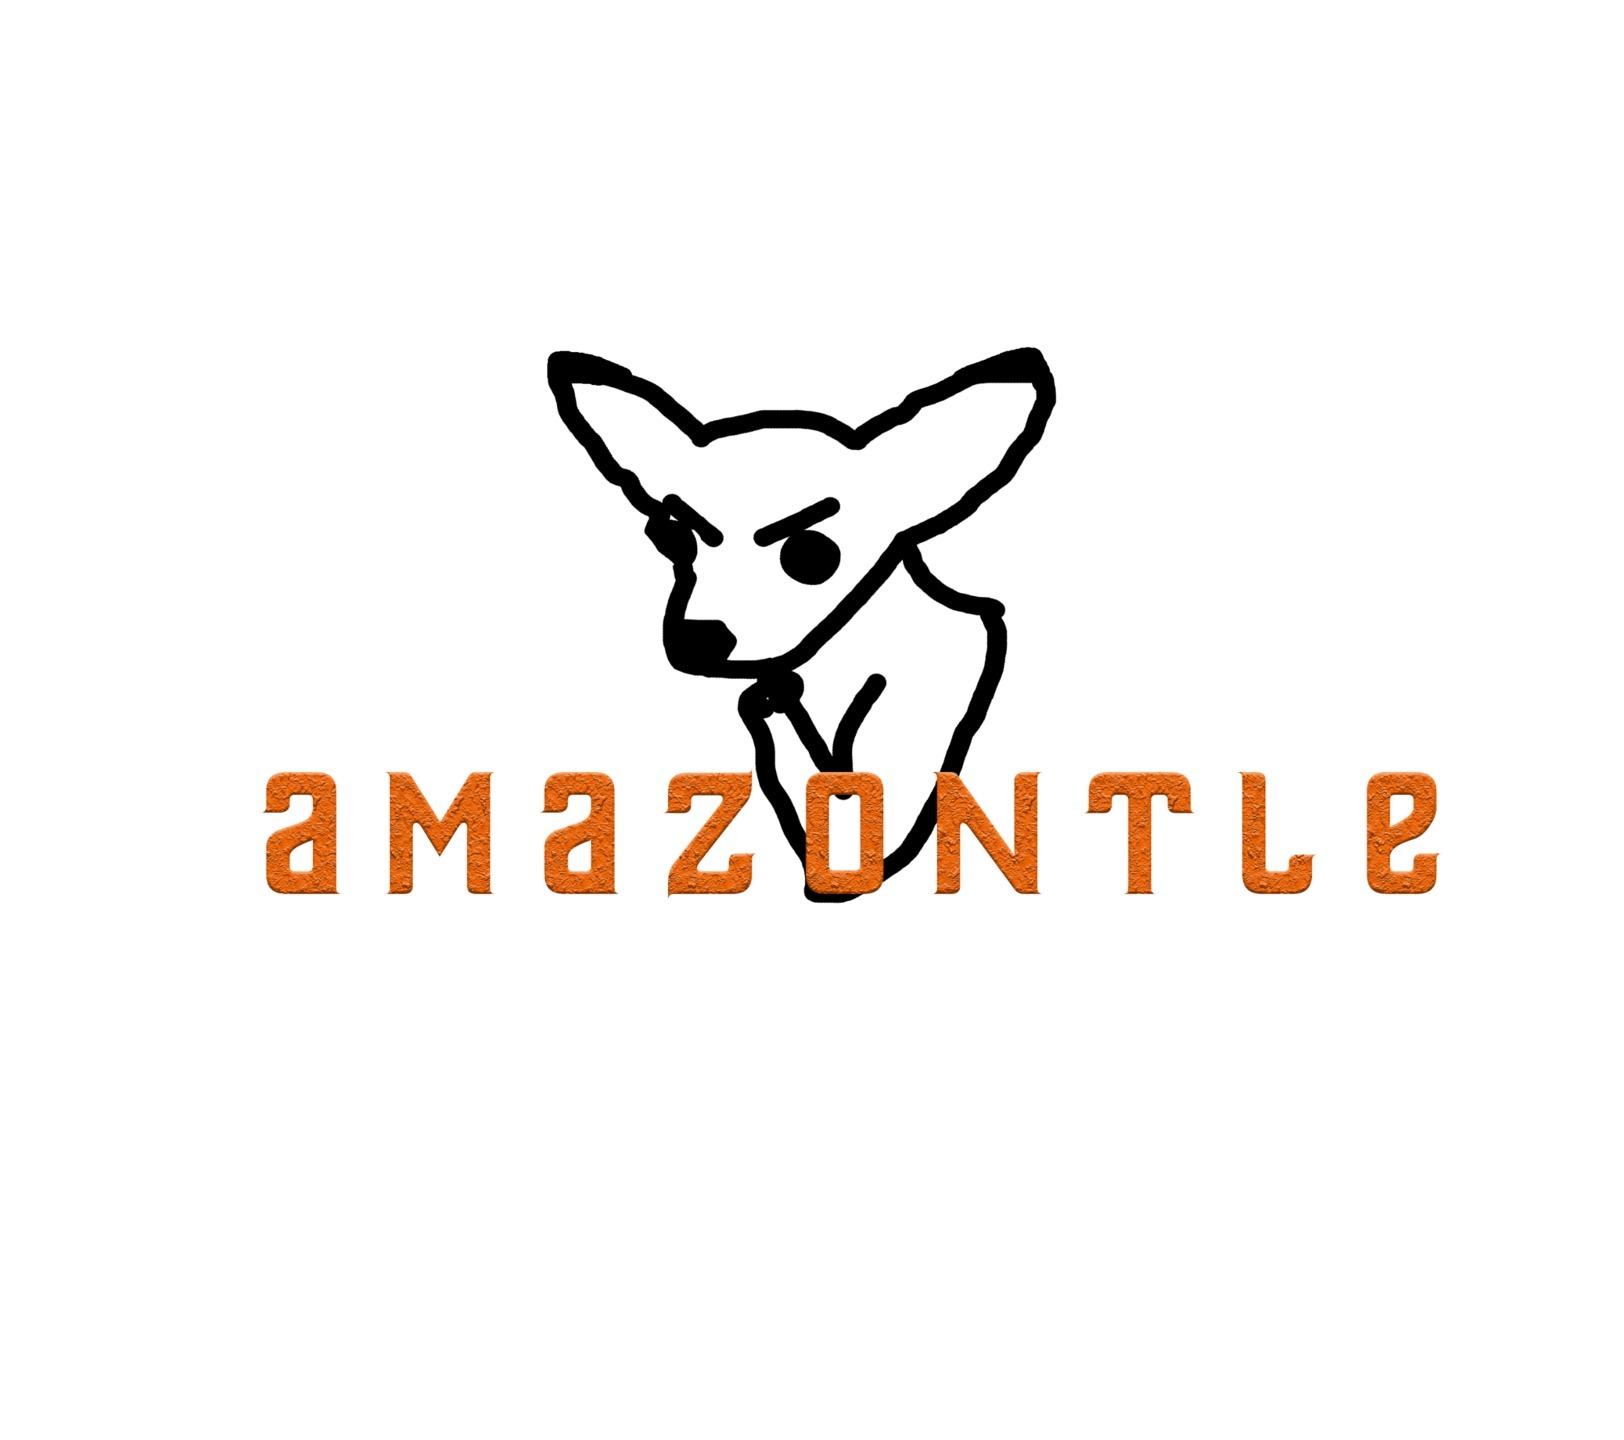 Amazontle (@amazontle) Cover Image